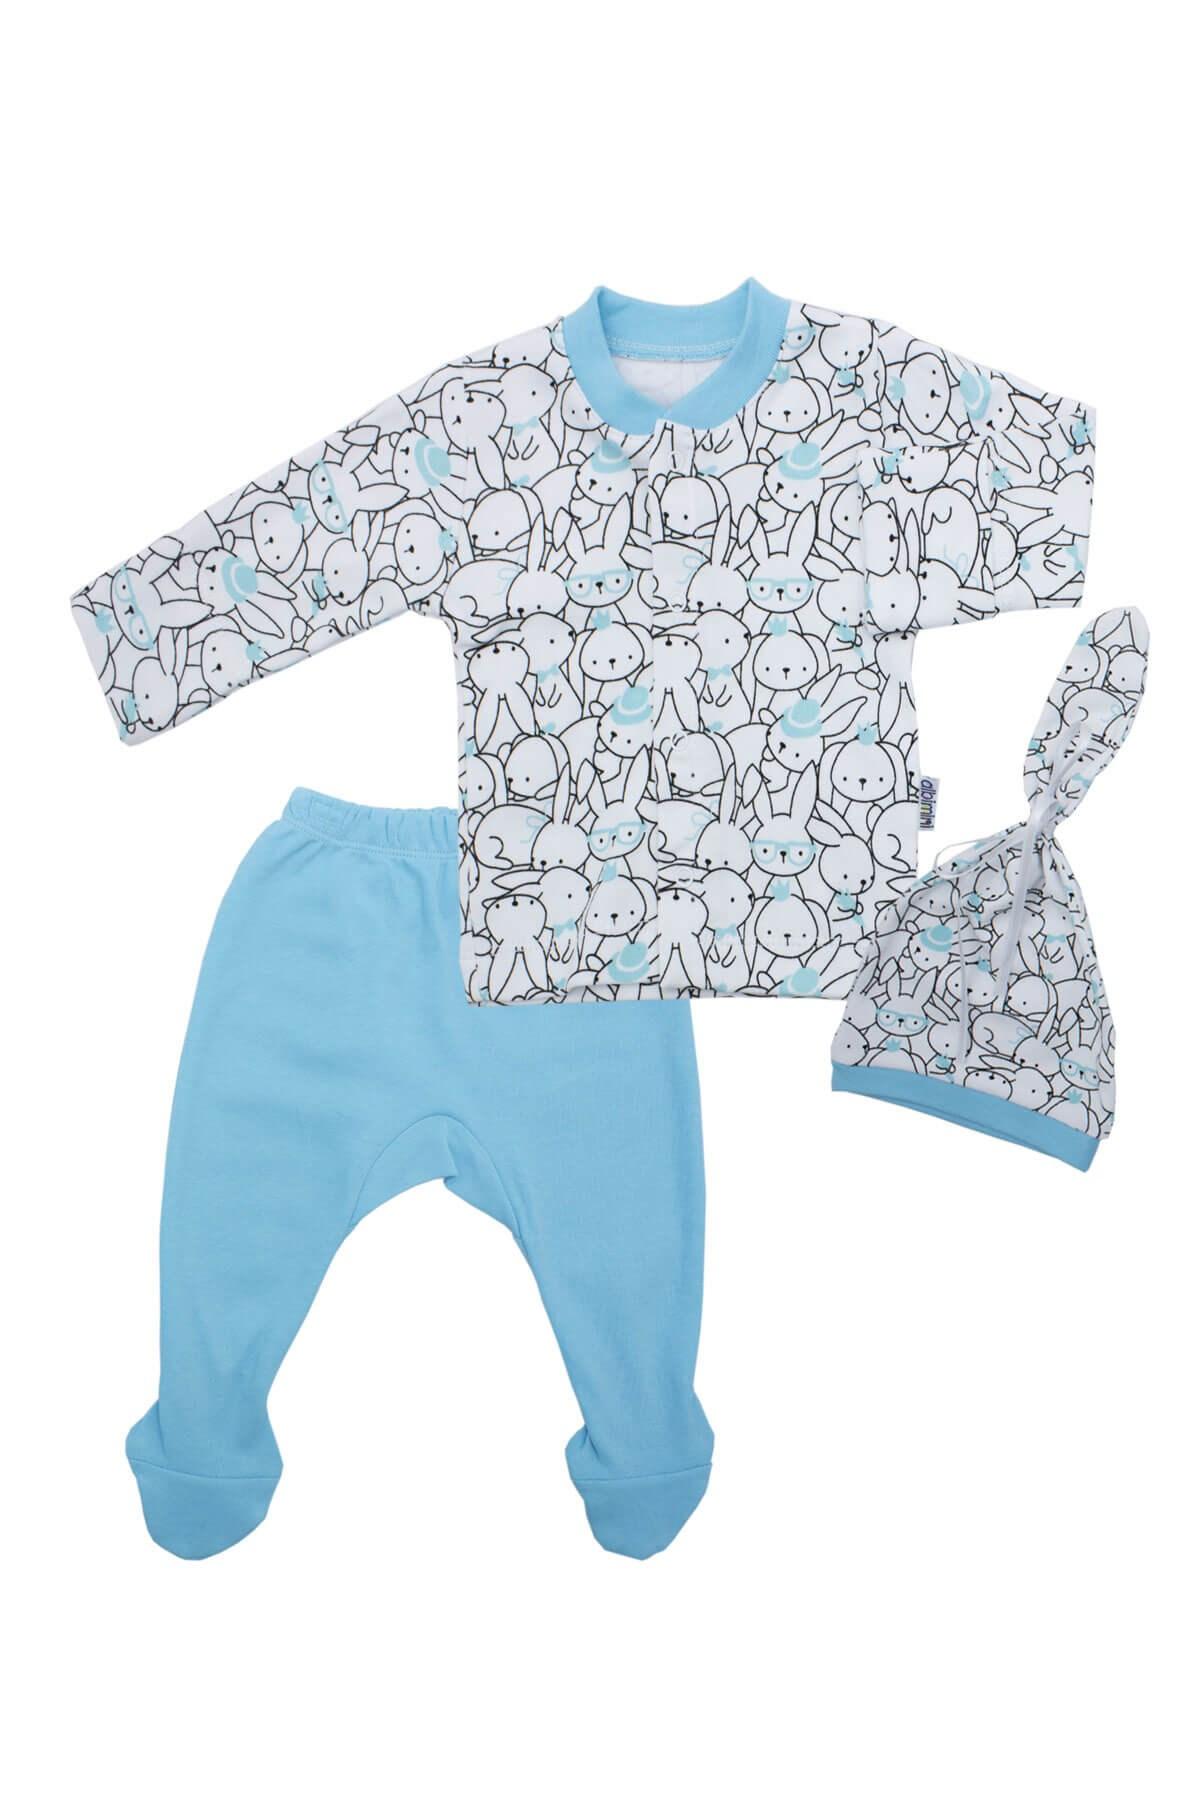 طقم ملابس أزرق بطبعة أرنب رضع- 3 قطع